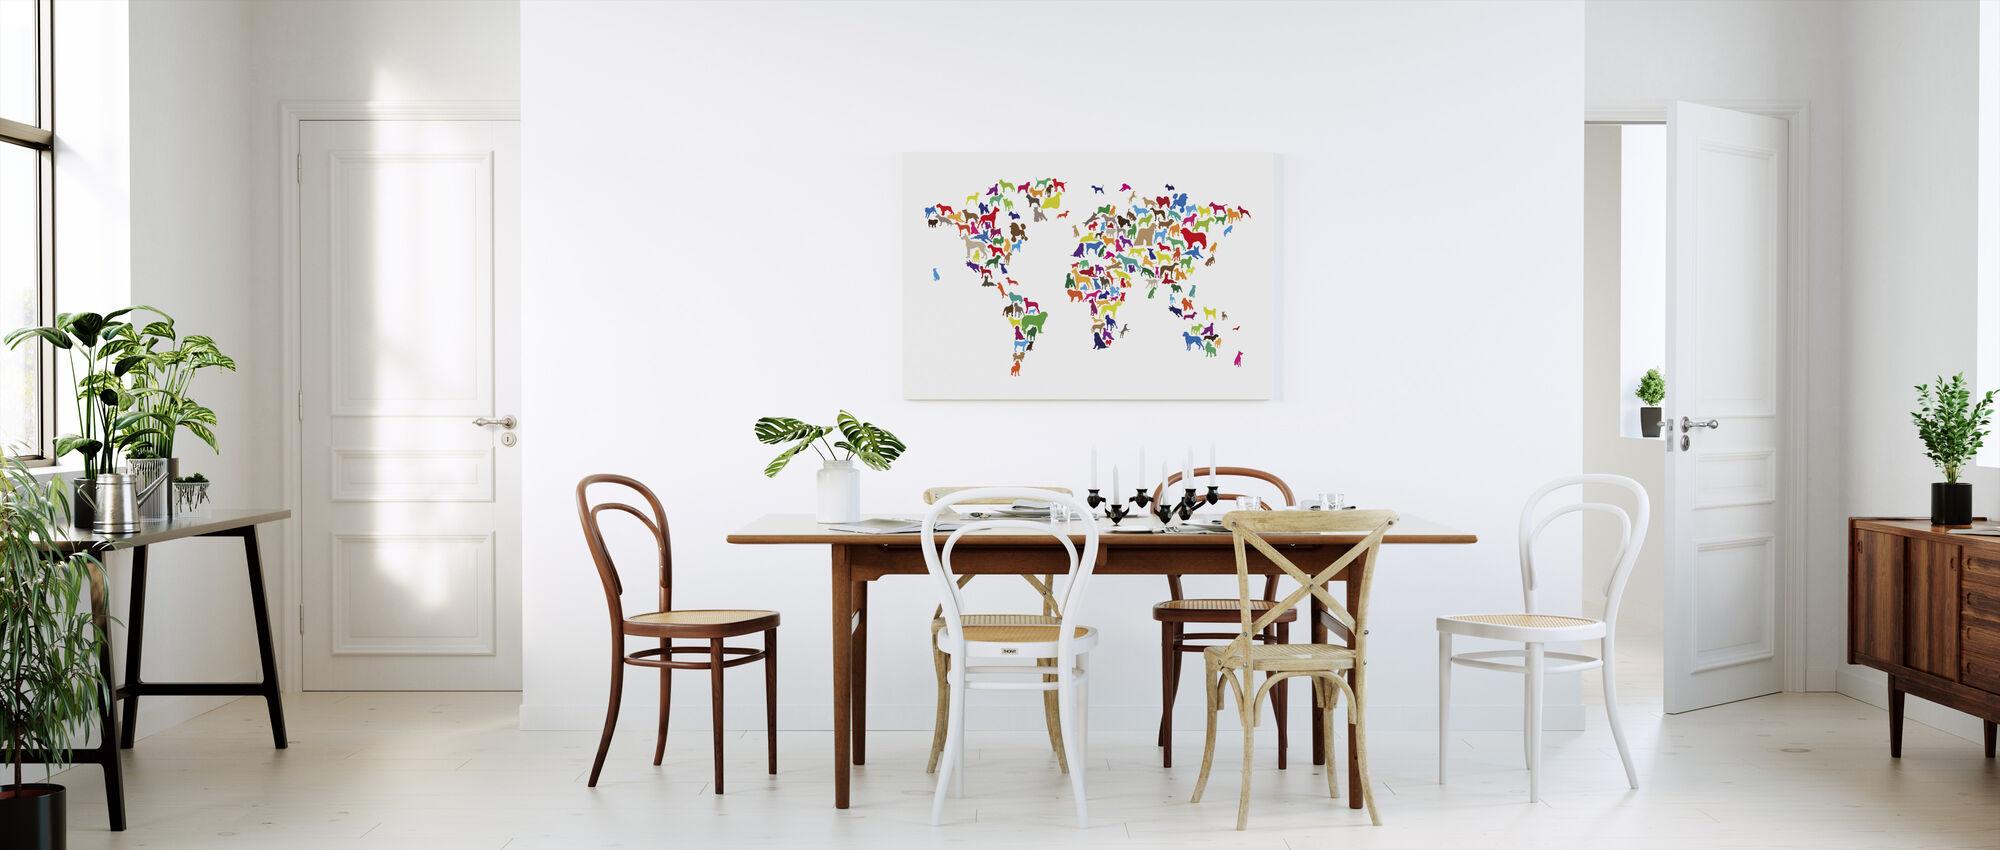 Hundar World Karta Multicolor - Canvastavla - Kök